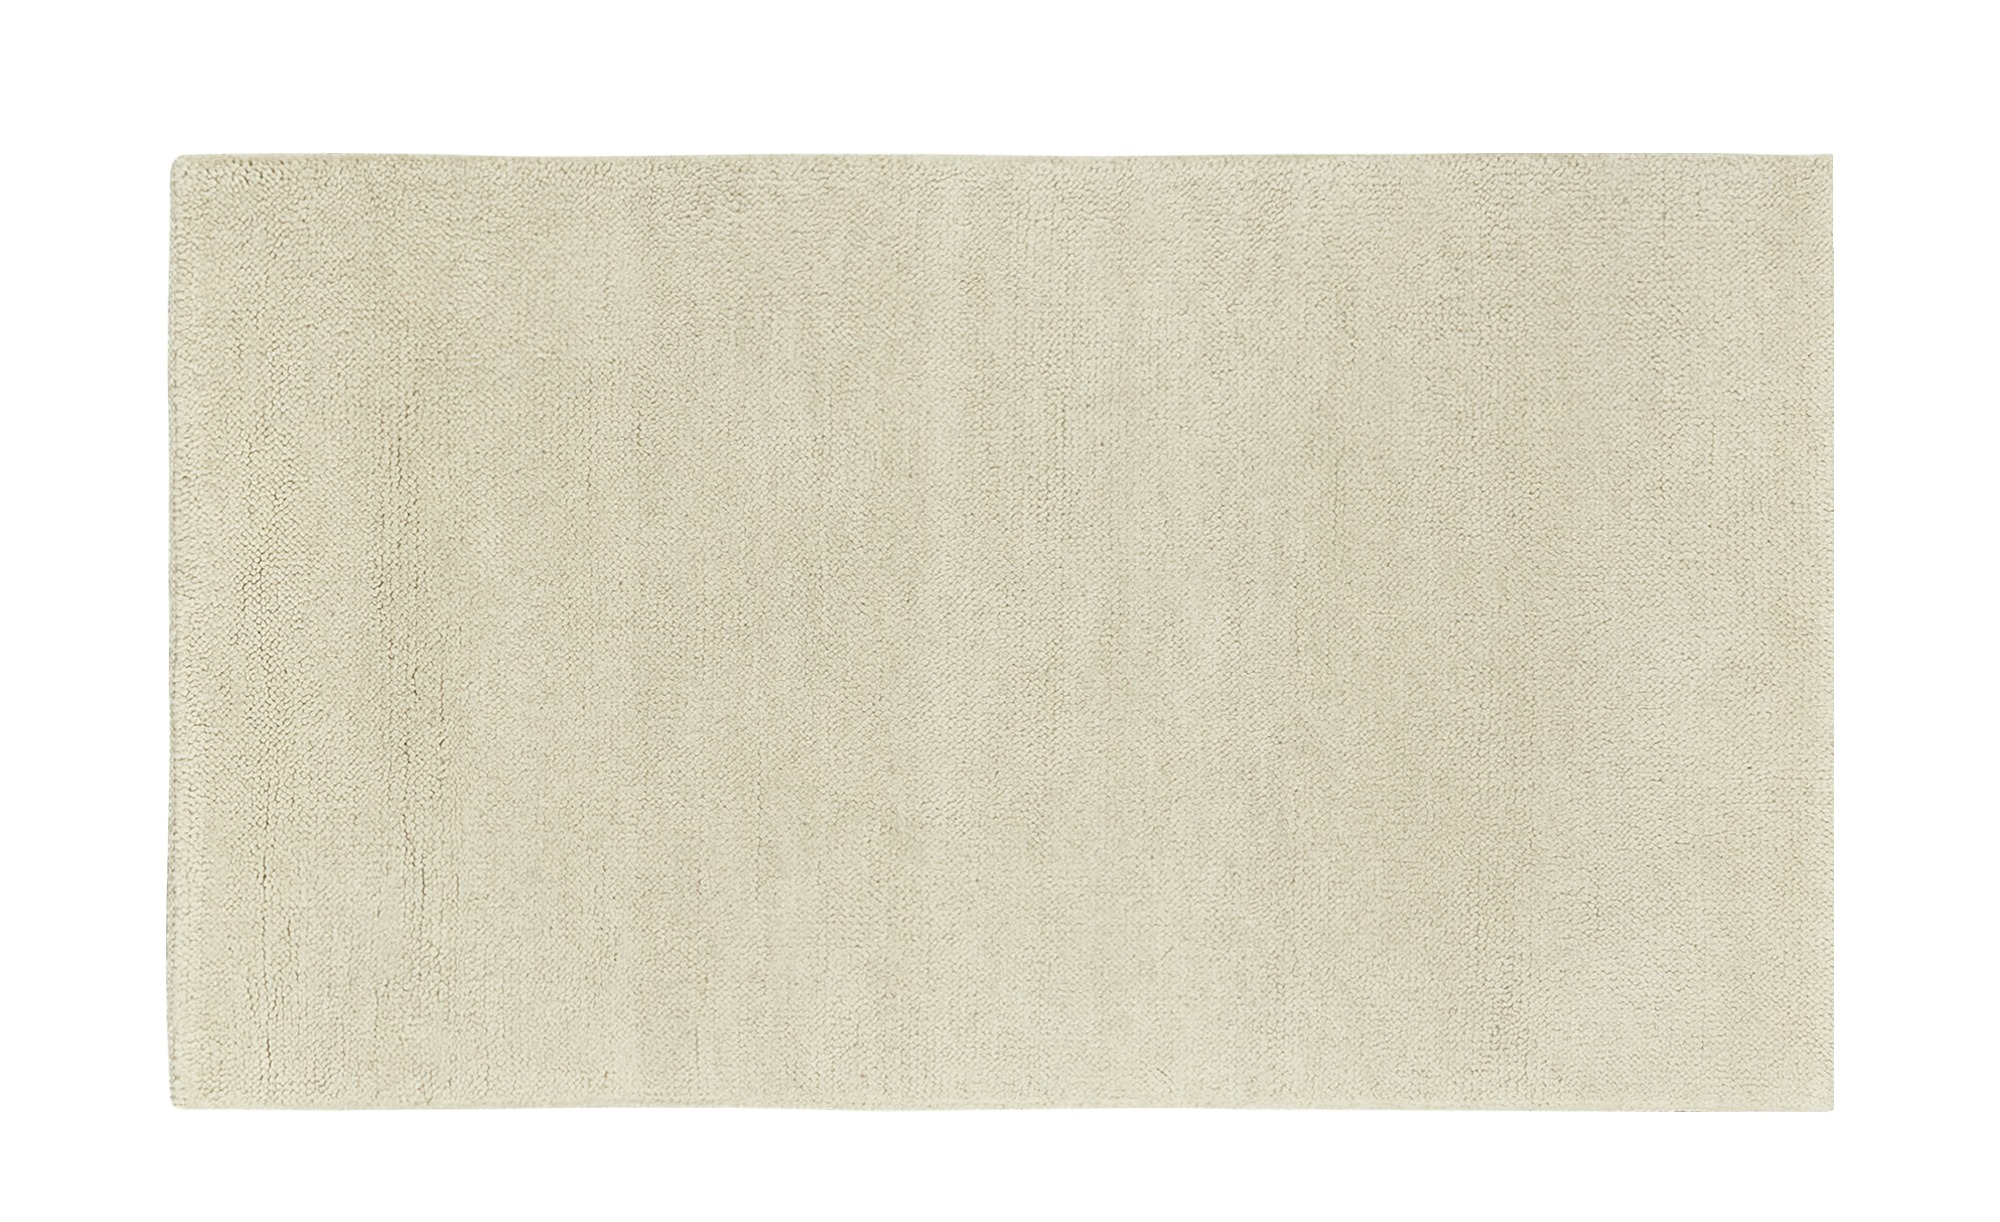 Berber-Teppich  Marrakesh simple ¦ creme ¦ reine Wolle| Wolle ¦ Maße (cm): B: 90 Teppiche > Wohnteppiche > Naturteppiche - Höffner | Heimtextilien > Teppiche > Berberteppiche | Möbel Höffner DE